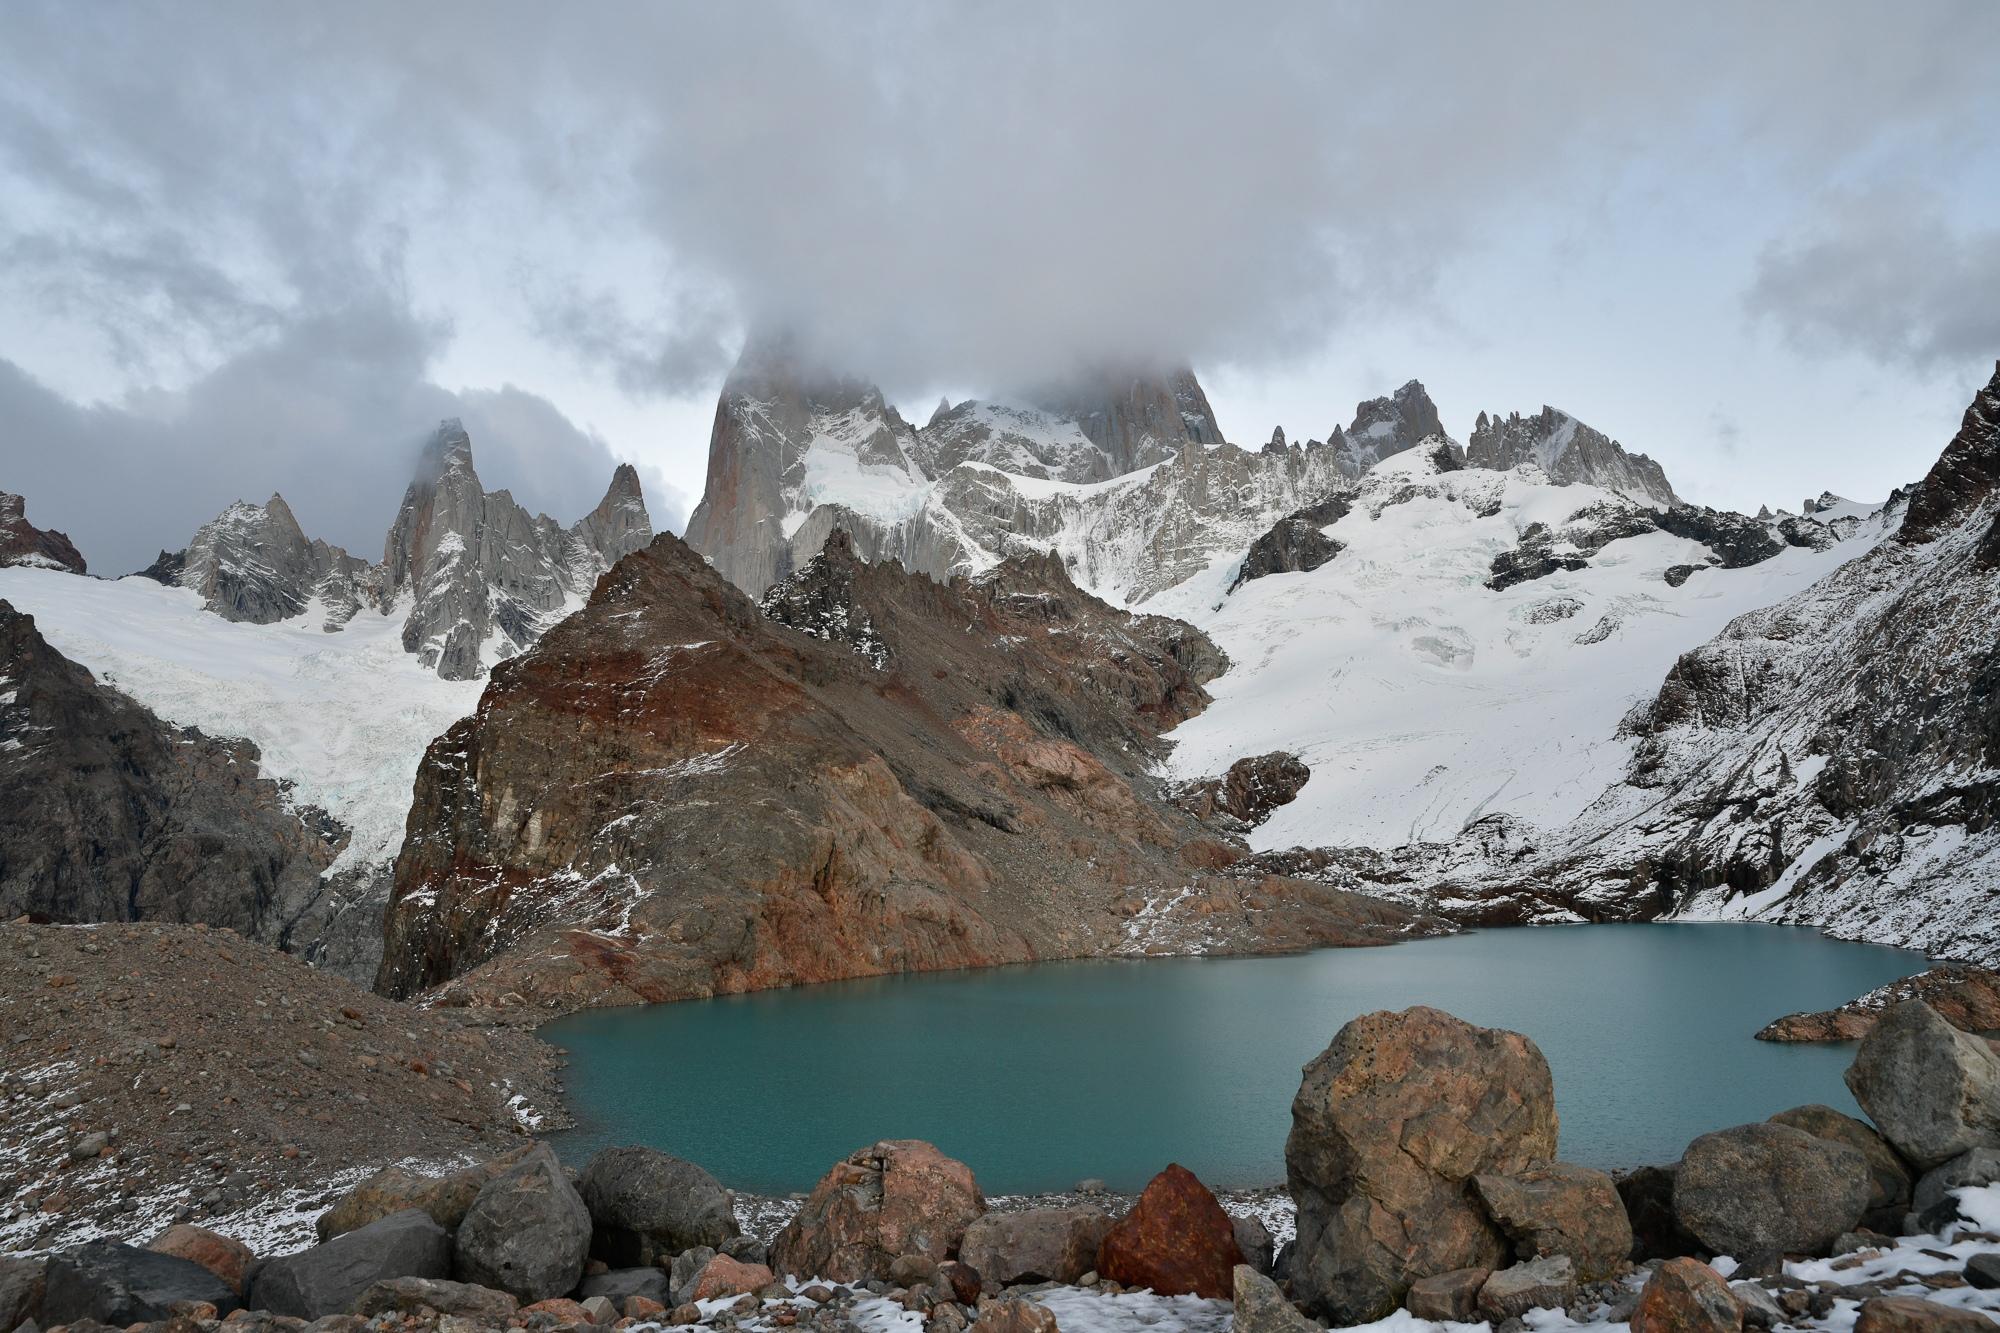 Аргентина как воплощение свободы, первозданности и красоты